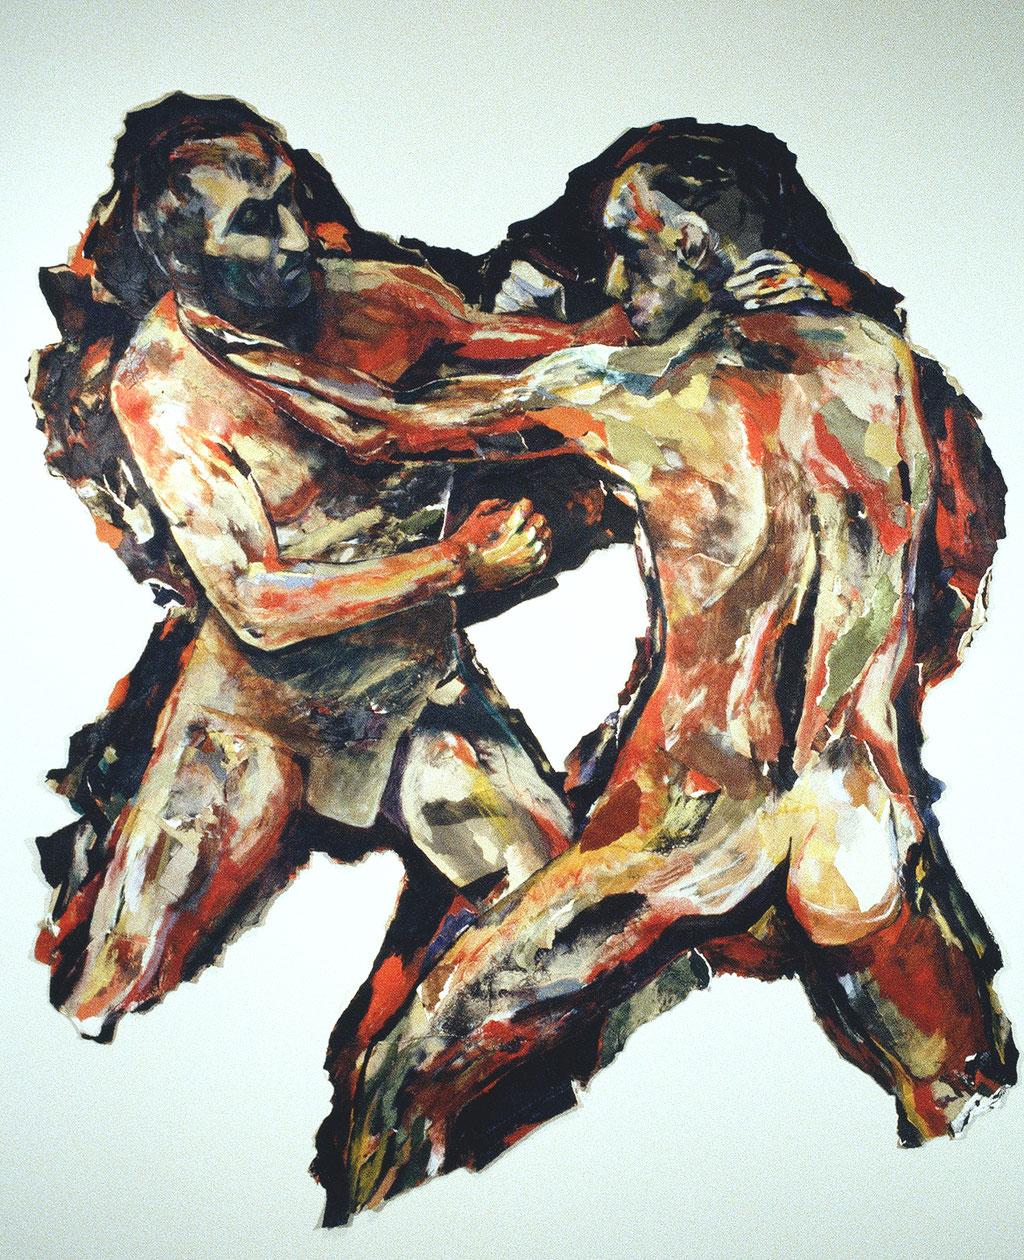 Nos chiens nous mêmes courant après nous-mêmes, d'après Muybridge, 1994, 167 x 150 cm, techniques mixtes sur papier.